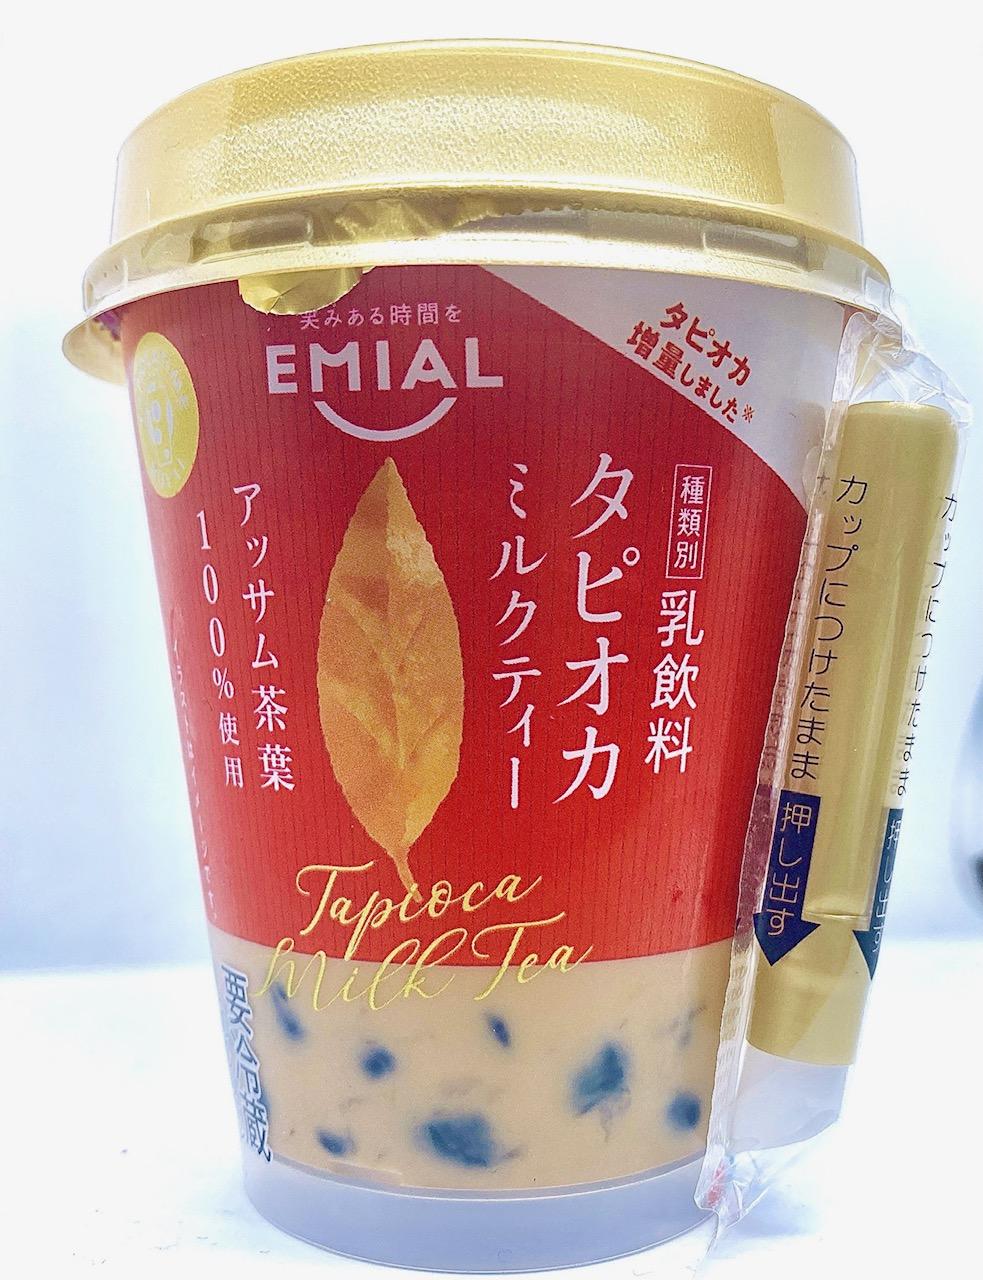 安曇野食品工房株式会社「TAPIOKA TIME ROYAL タピオカミルクティー」